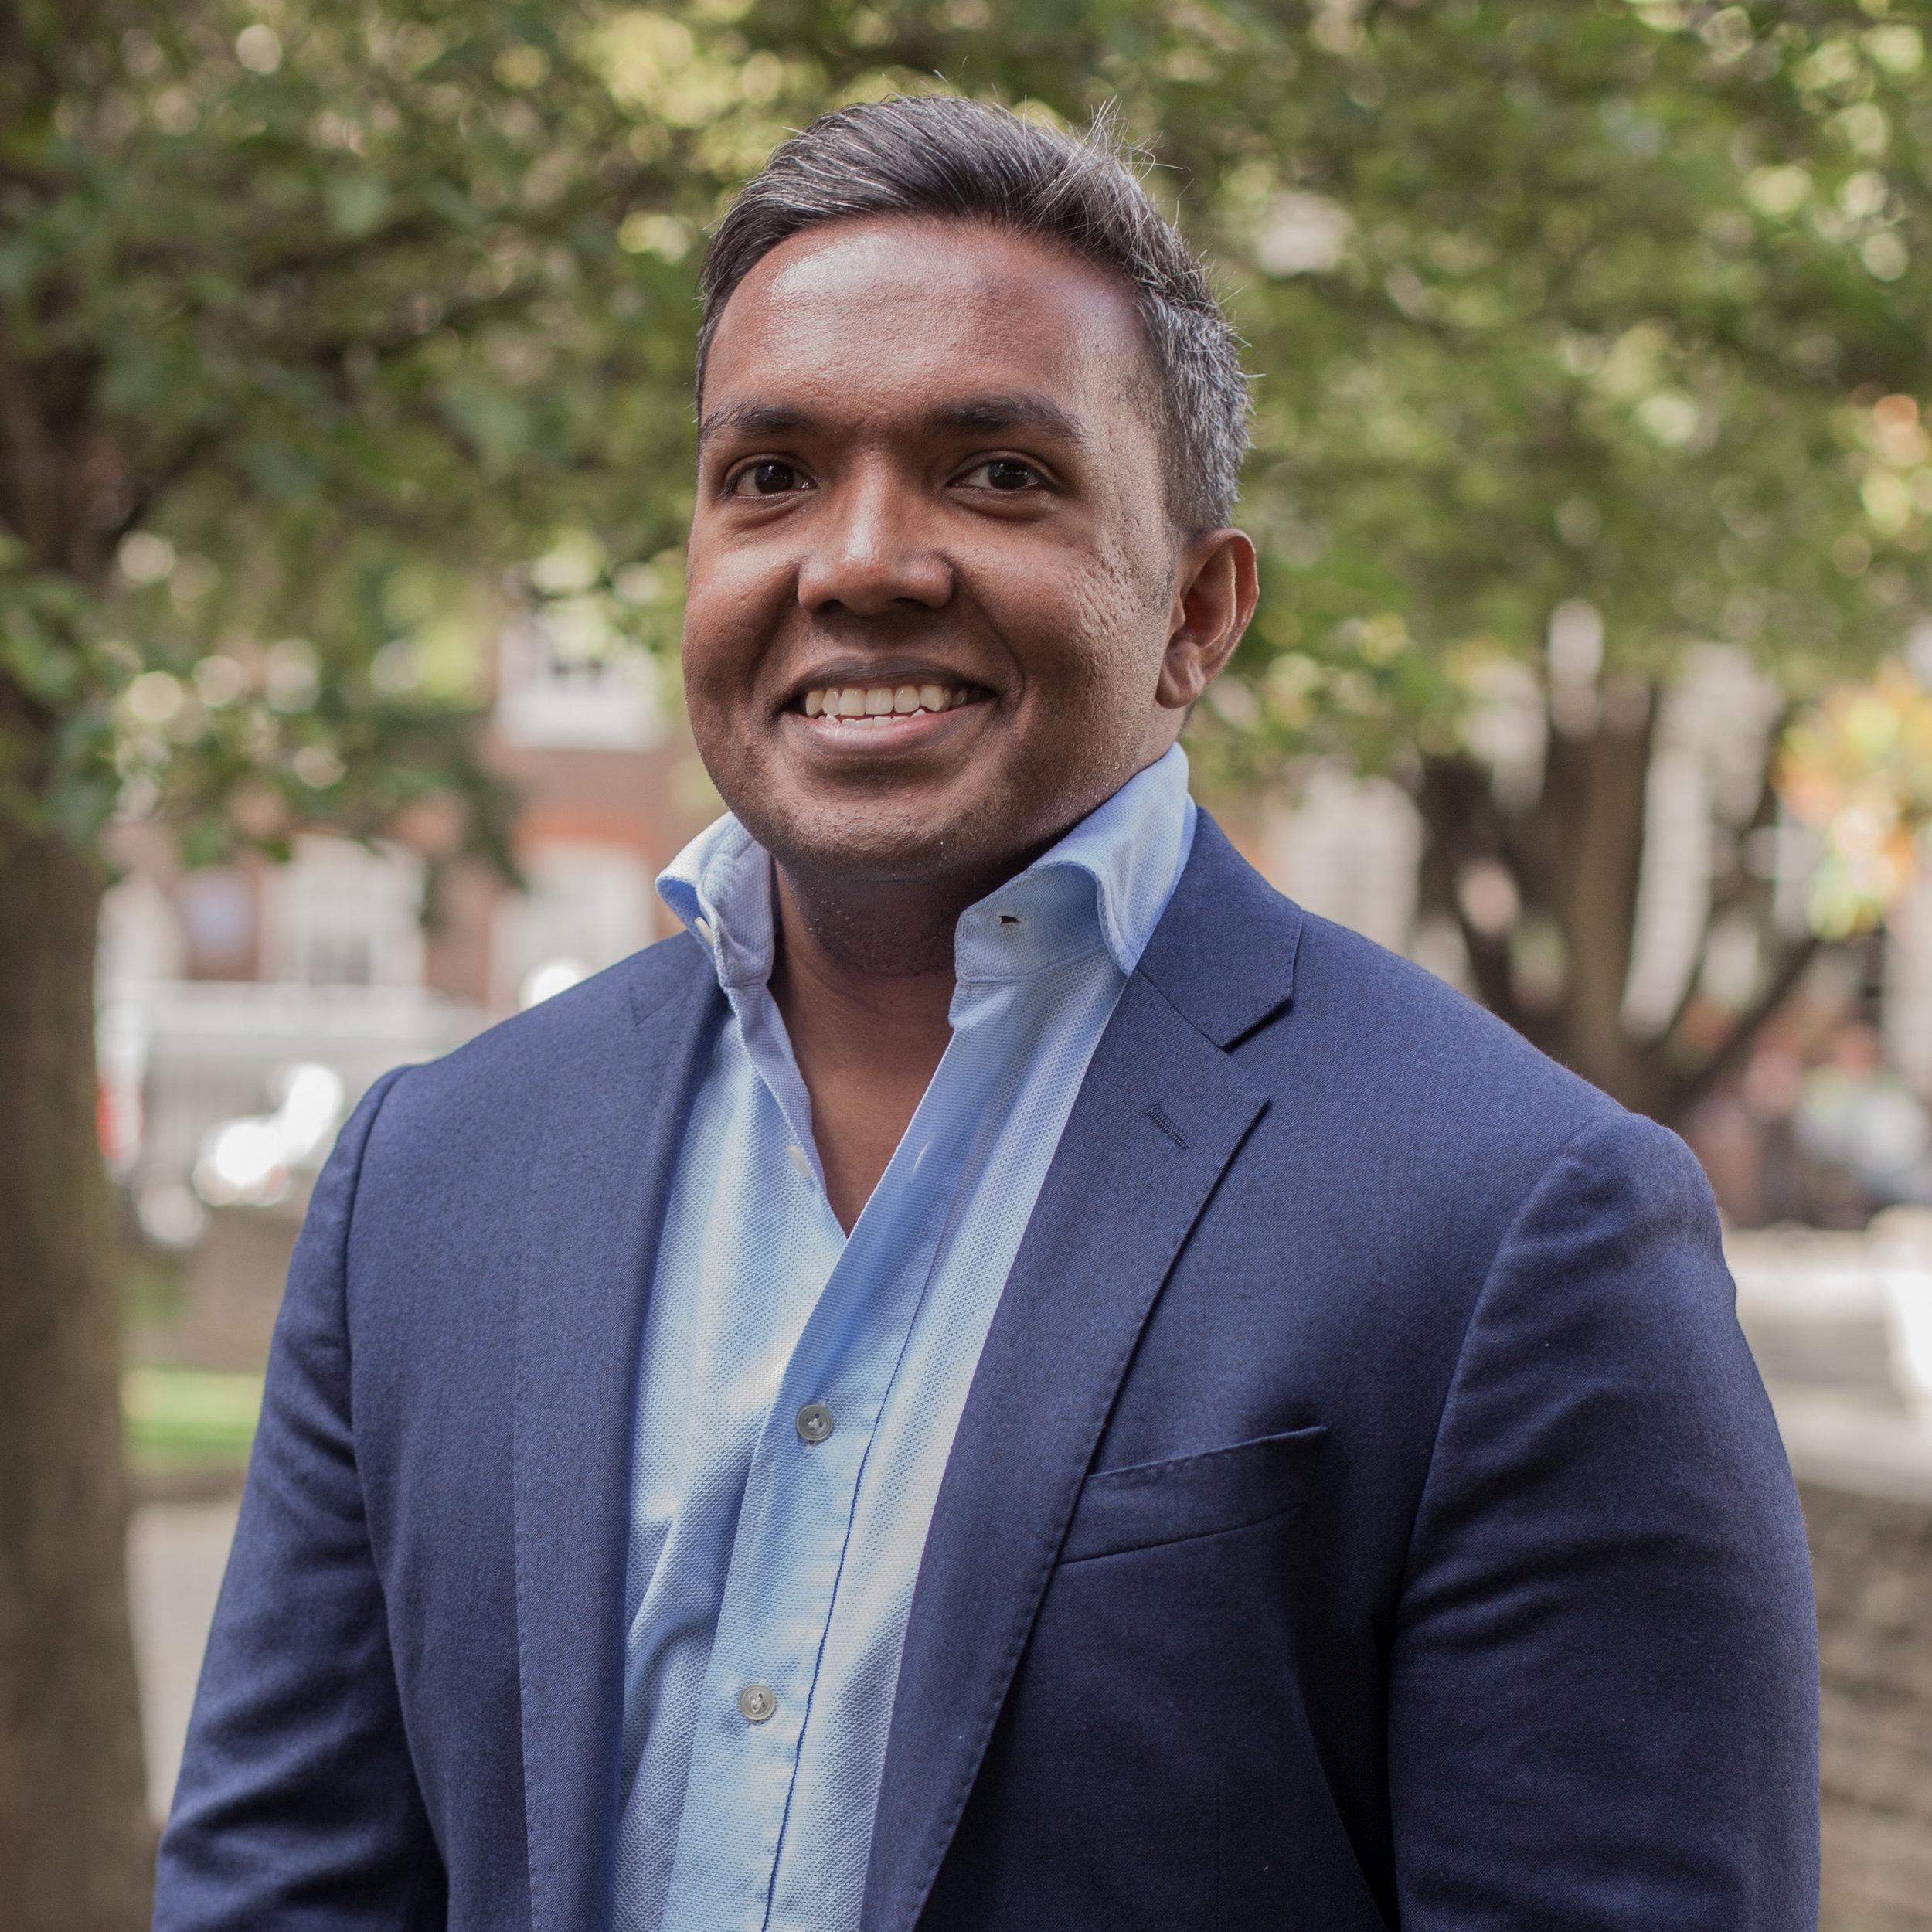 Gajan Rajanathan - PRINCIPALOffice: London, UKgajan@highlandeurope.com+44 207 183 2377